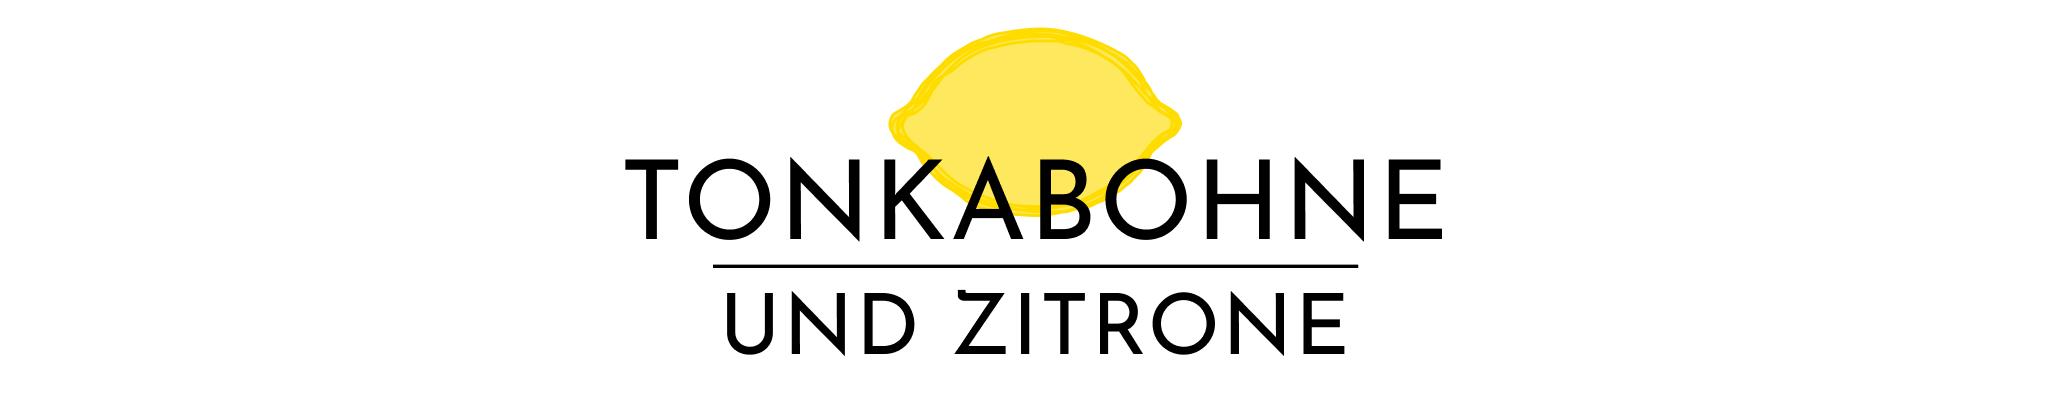 Logo Tonkabohne und Zitrone